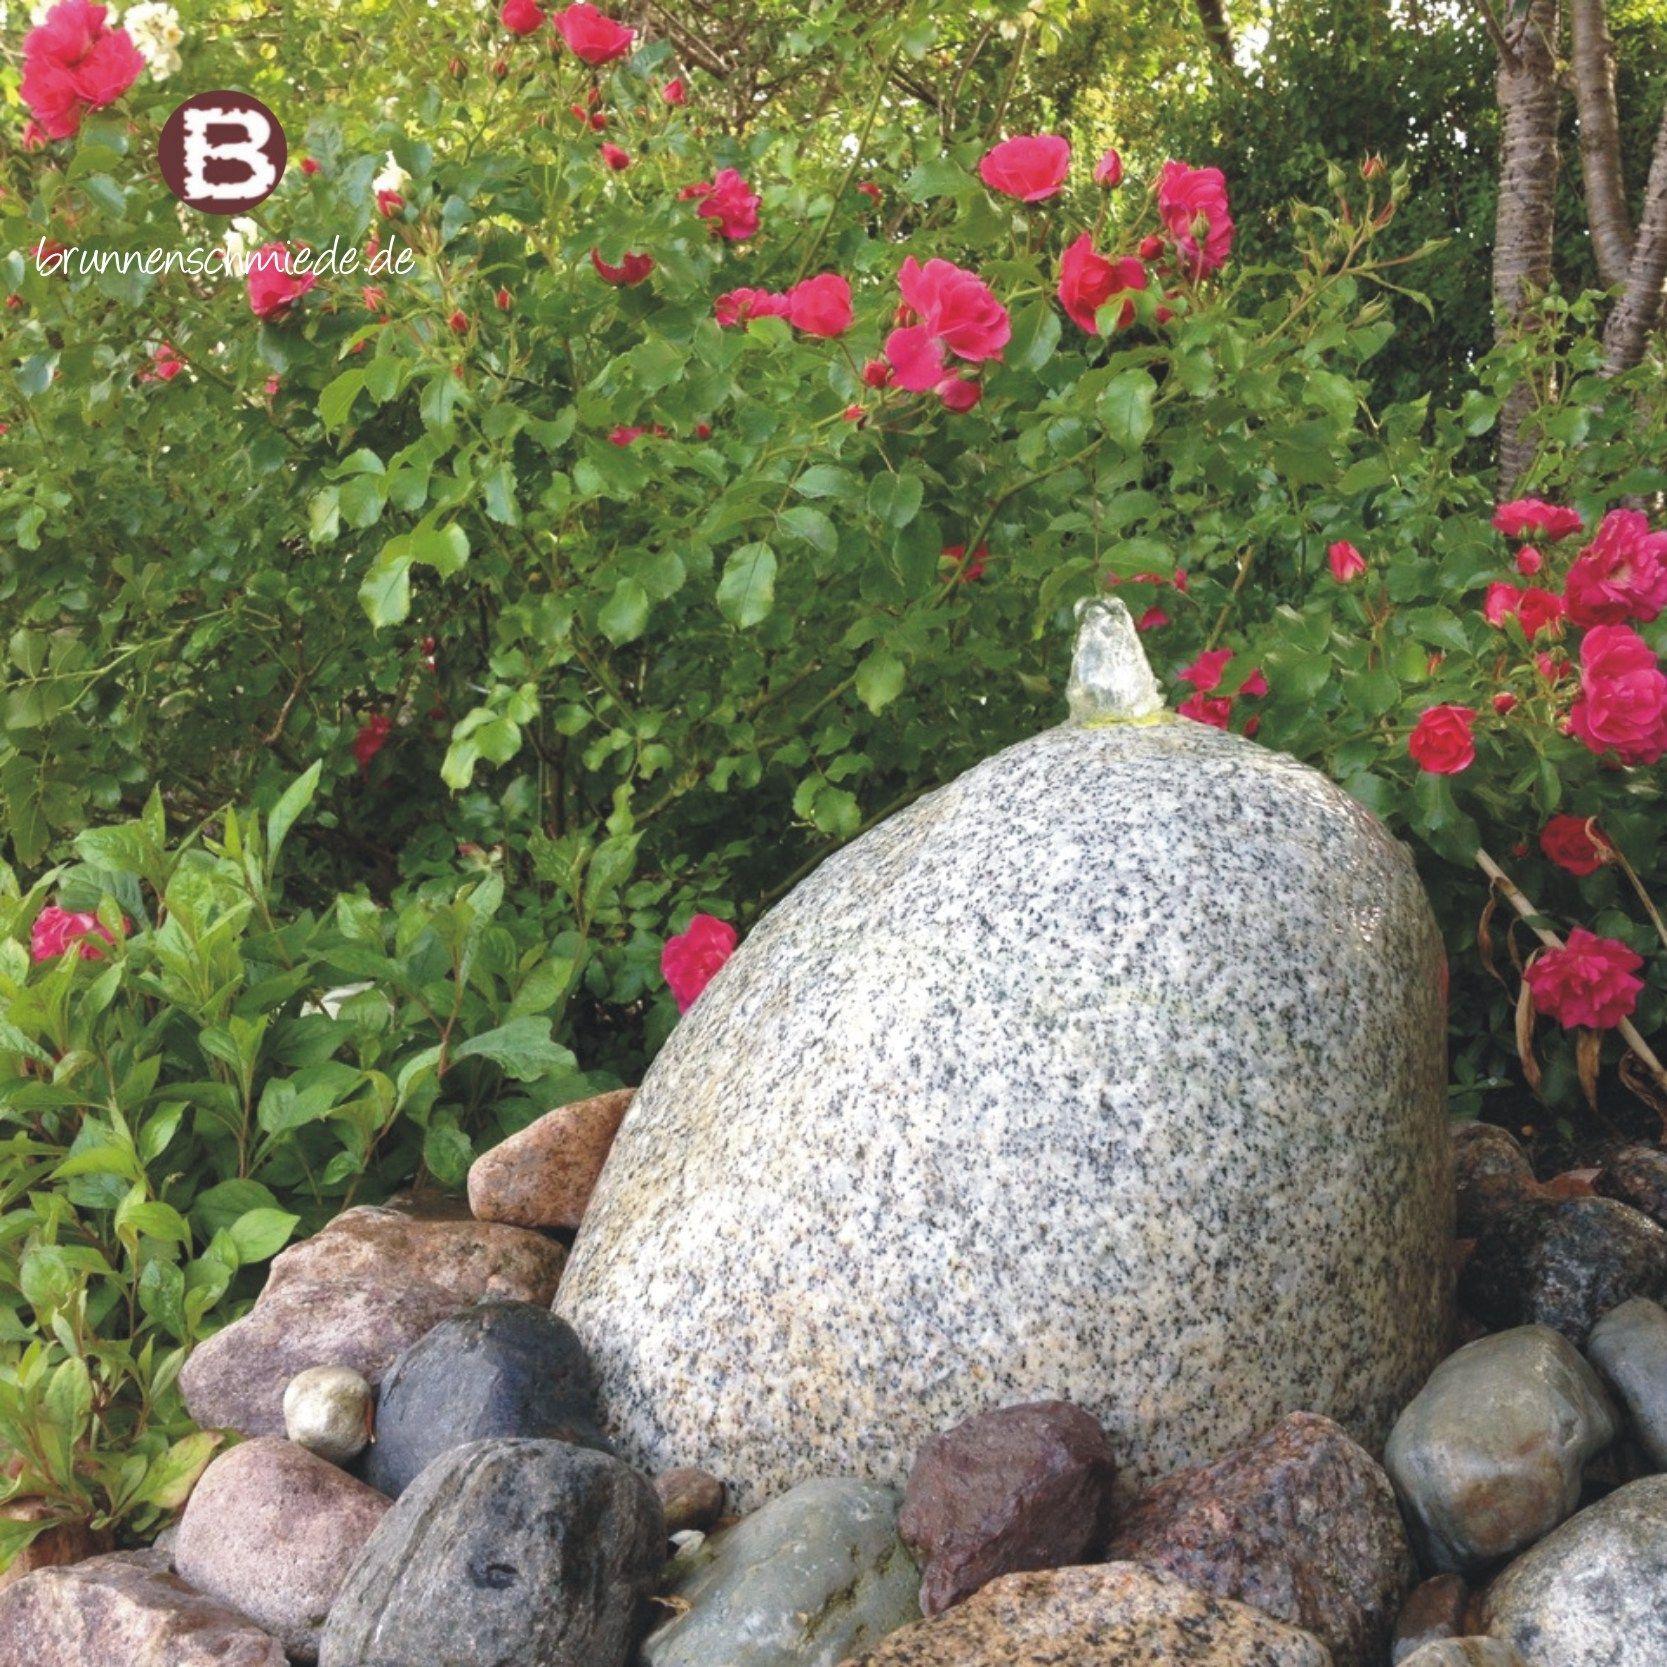 Wasserspiel  Brunnen  Naturstein  Quellstein  Granit  Wasser im Garten BRUNNENSCHMIEDEDE